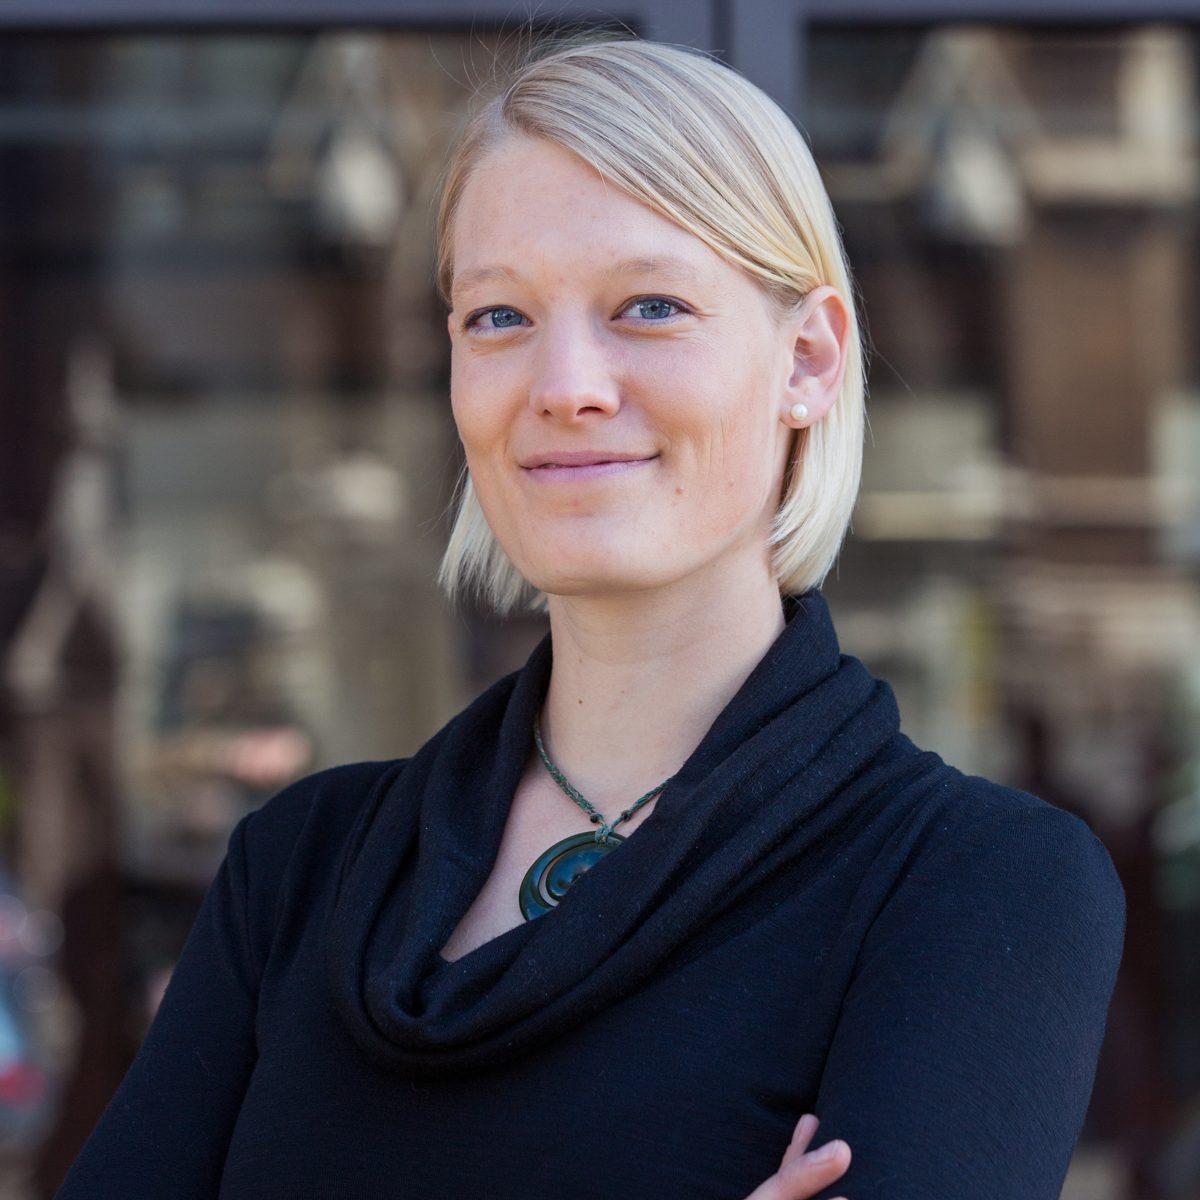 Gertje Petersen